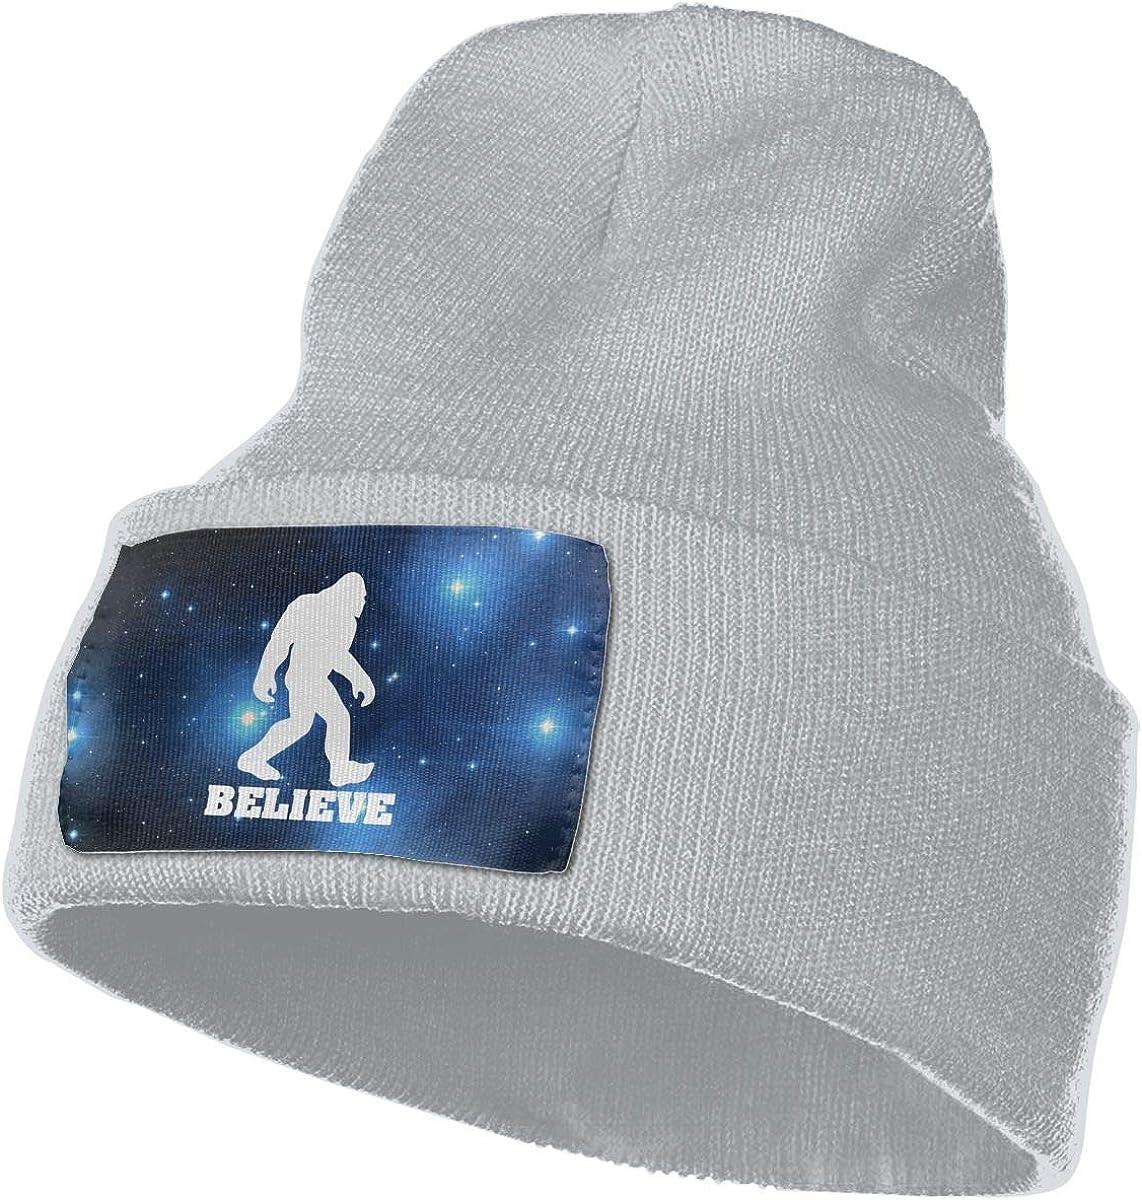 Helidoud I Believe Sasquatch Big Foot Winter Beanie Hat Knit Hat Cap for for Men /& Women